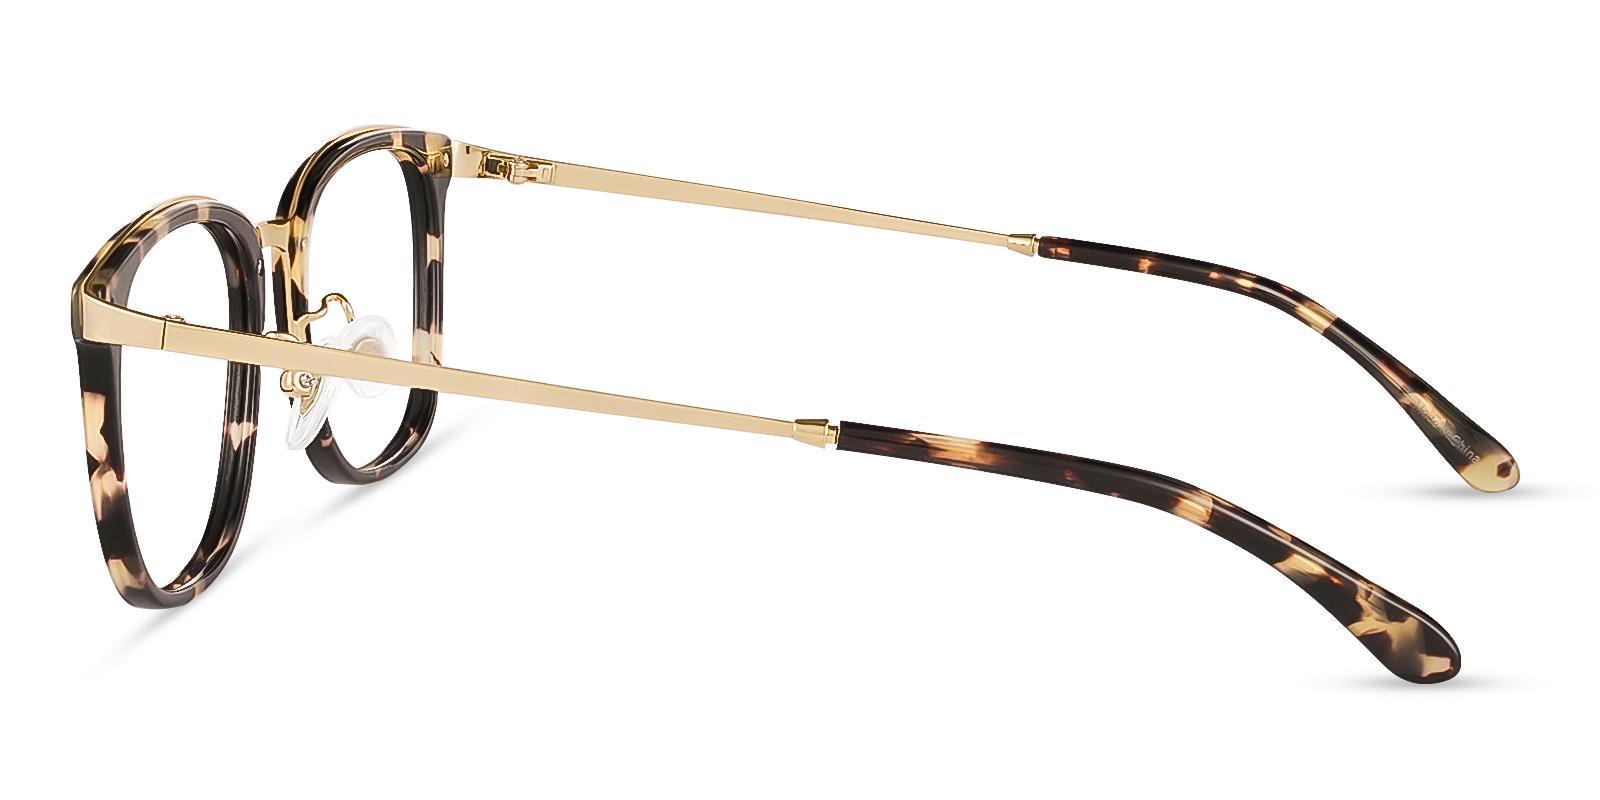 Explorer Leopard Metal Eyeglasses , NosePads Frames from ABBE Glasses